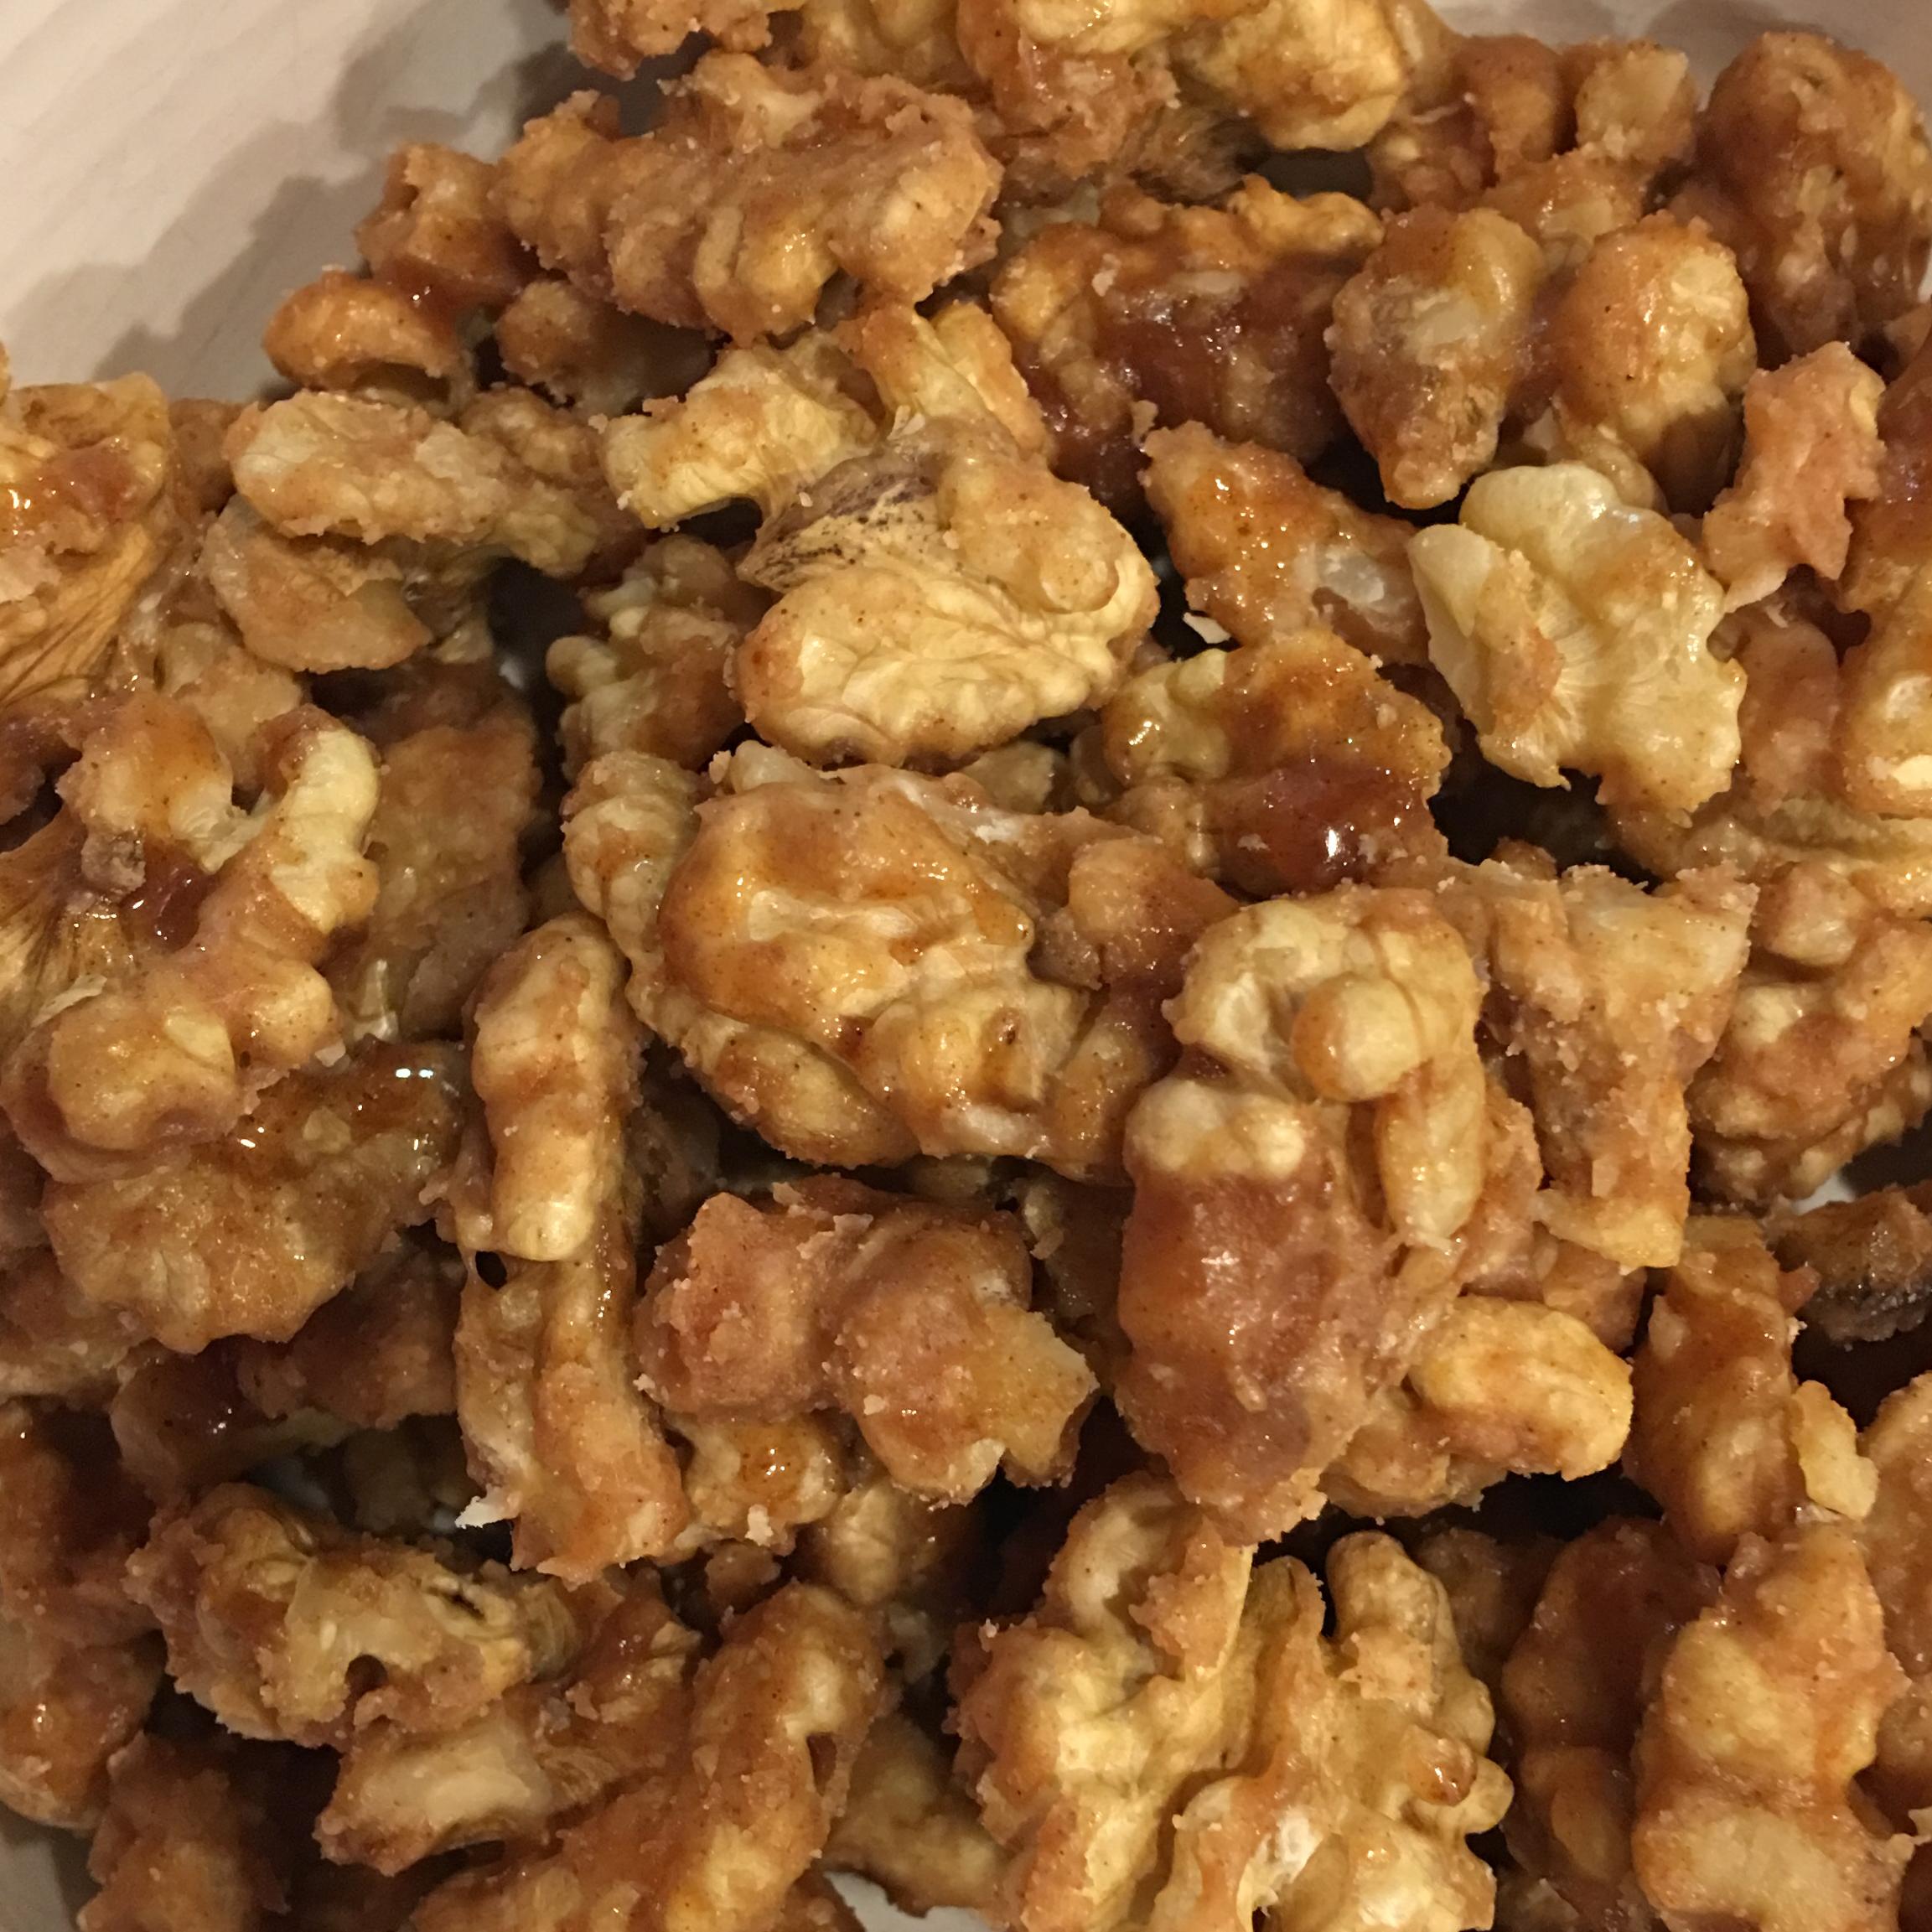 Dawn's Candied Walnuts Nicole Carlson